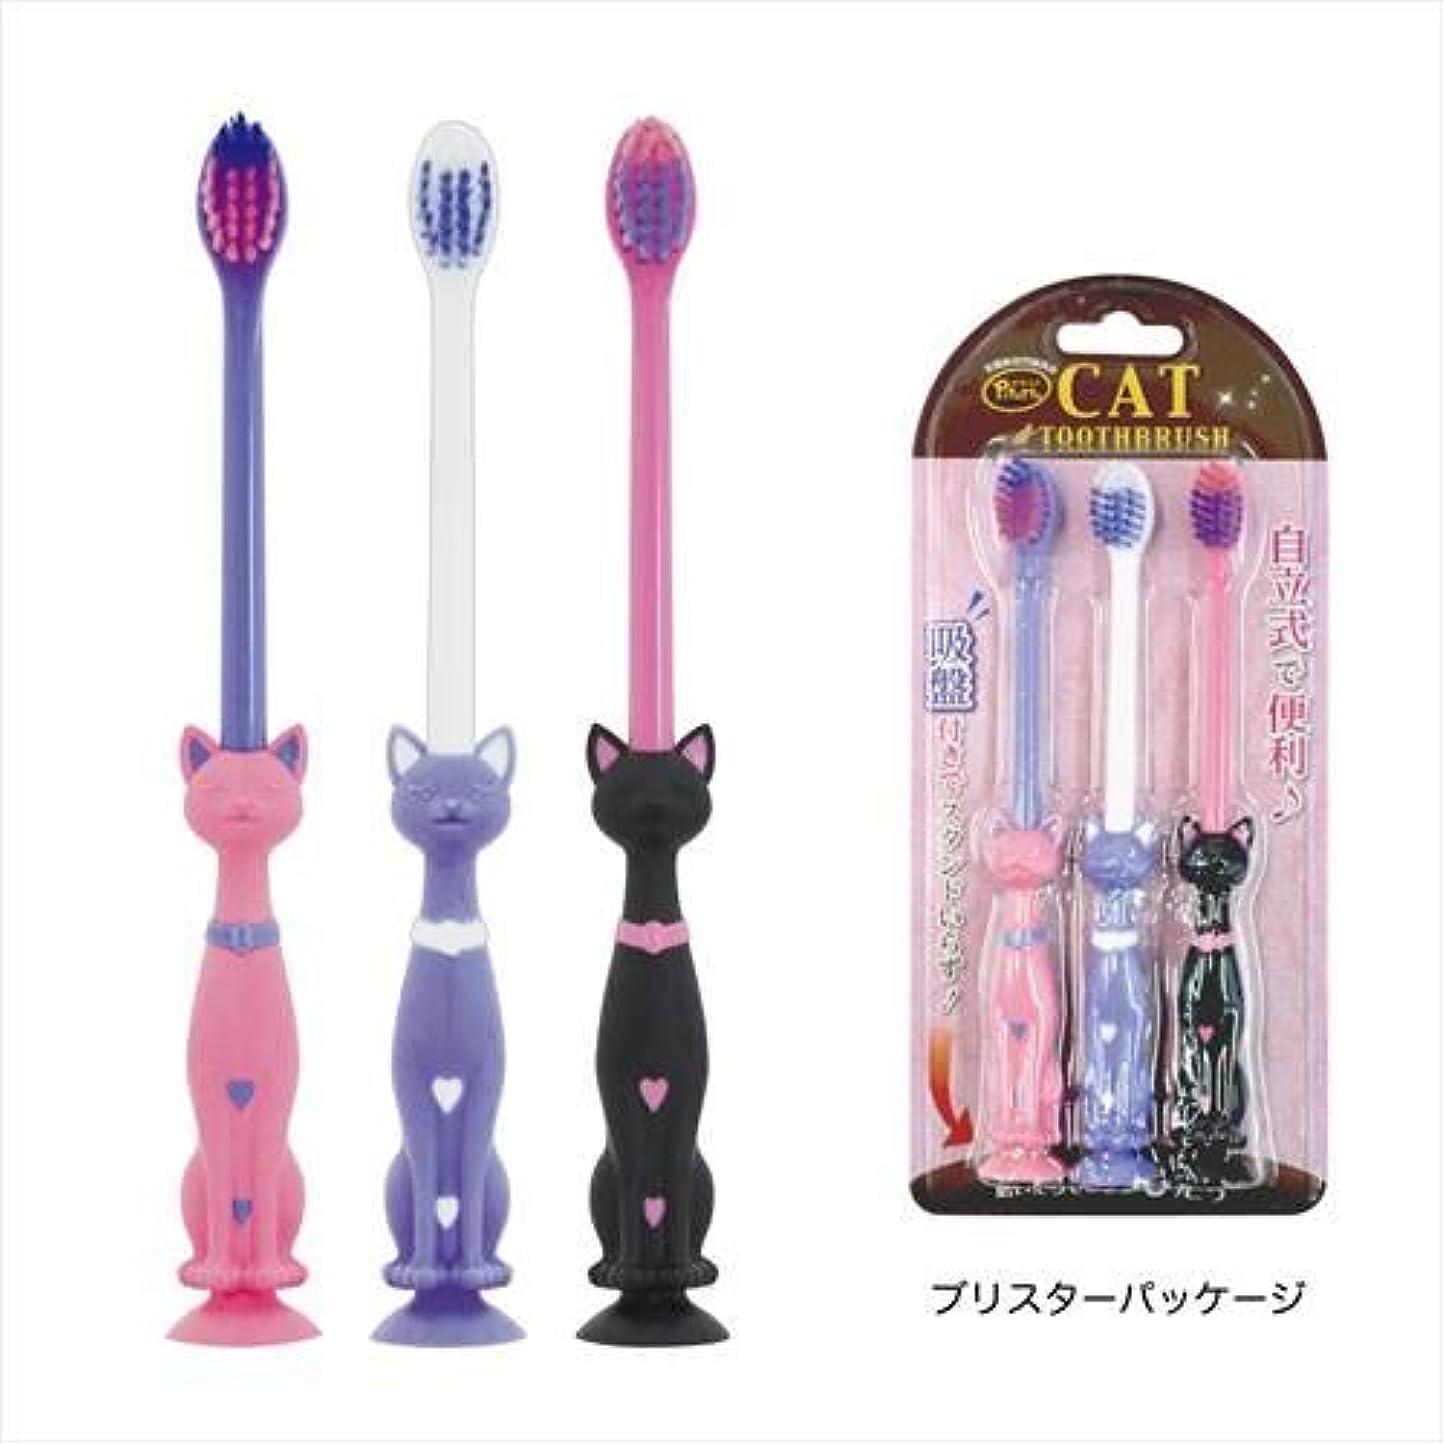 ご飯冒険葉を集めるファニー歯ブラシ ネコ 3本セット